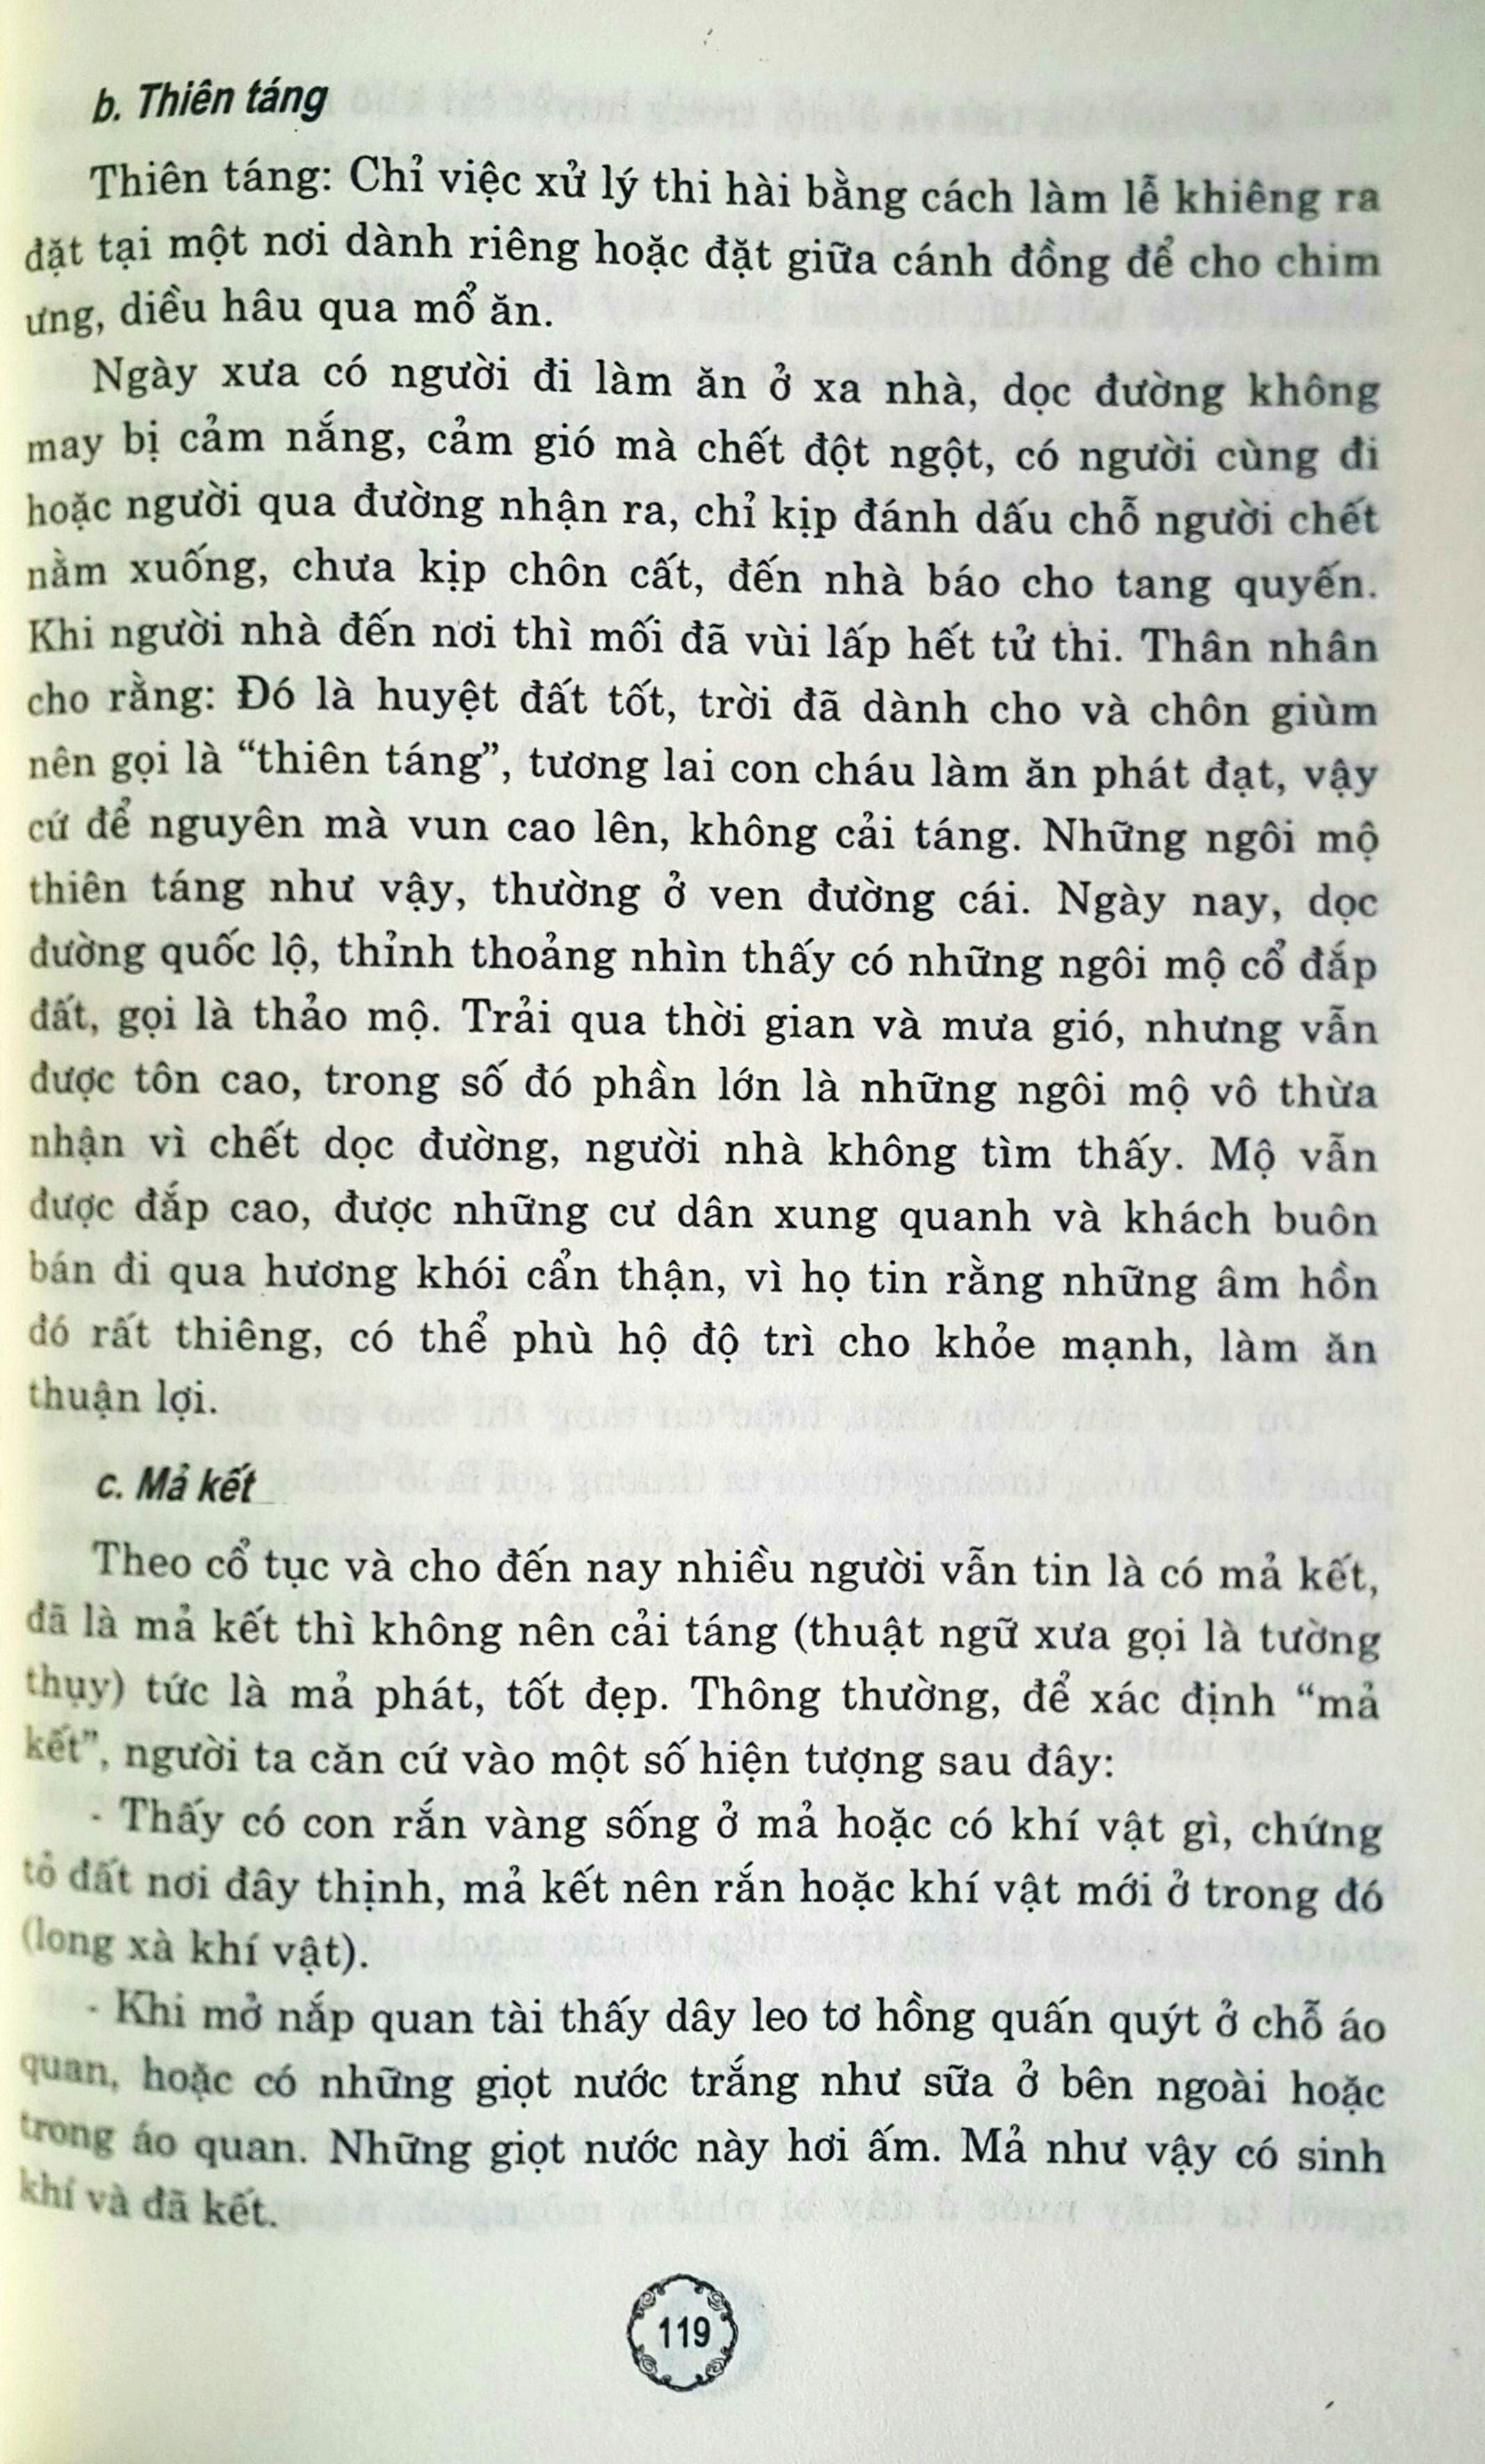 Phong Tục Dân Gian - Nghi Lễ Cưới Hỏi Tang Ma